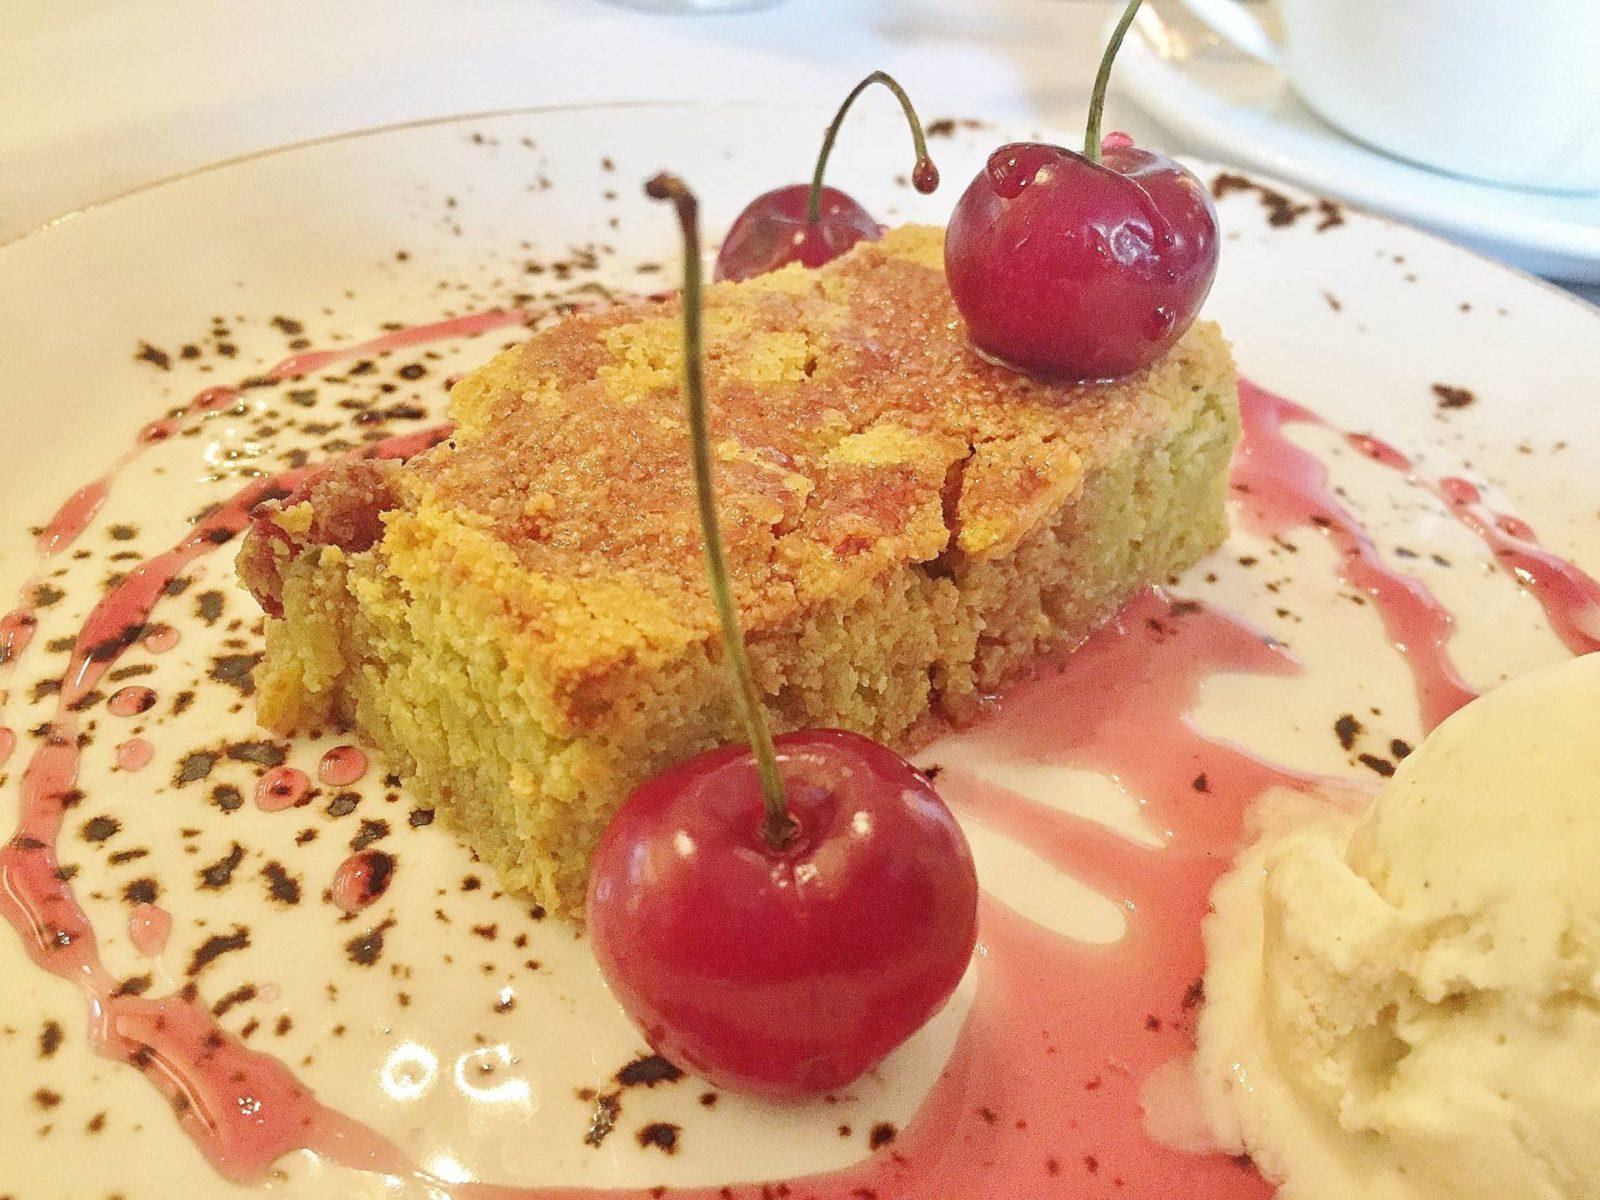 Netherstow-House-Lichfield-Dessert-Pudding